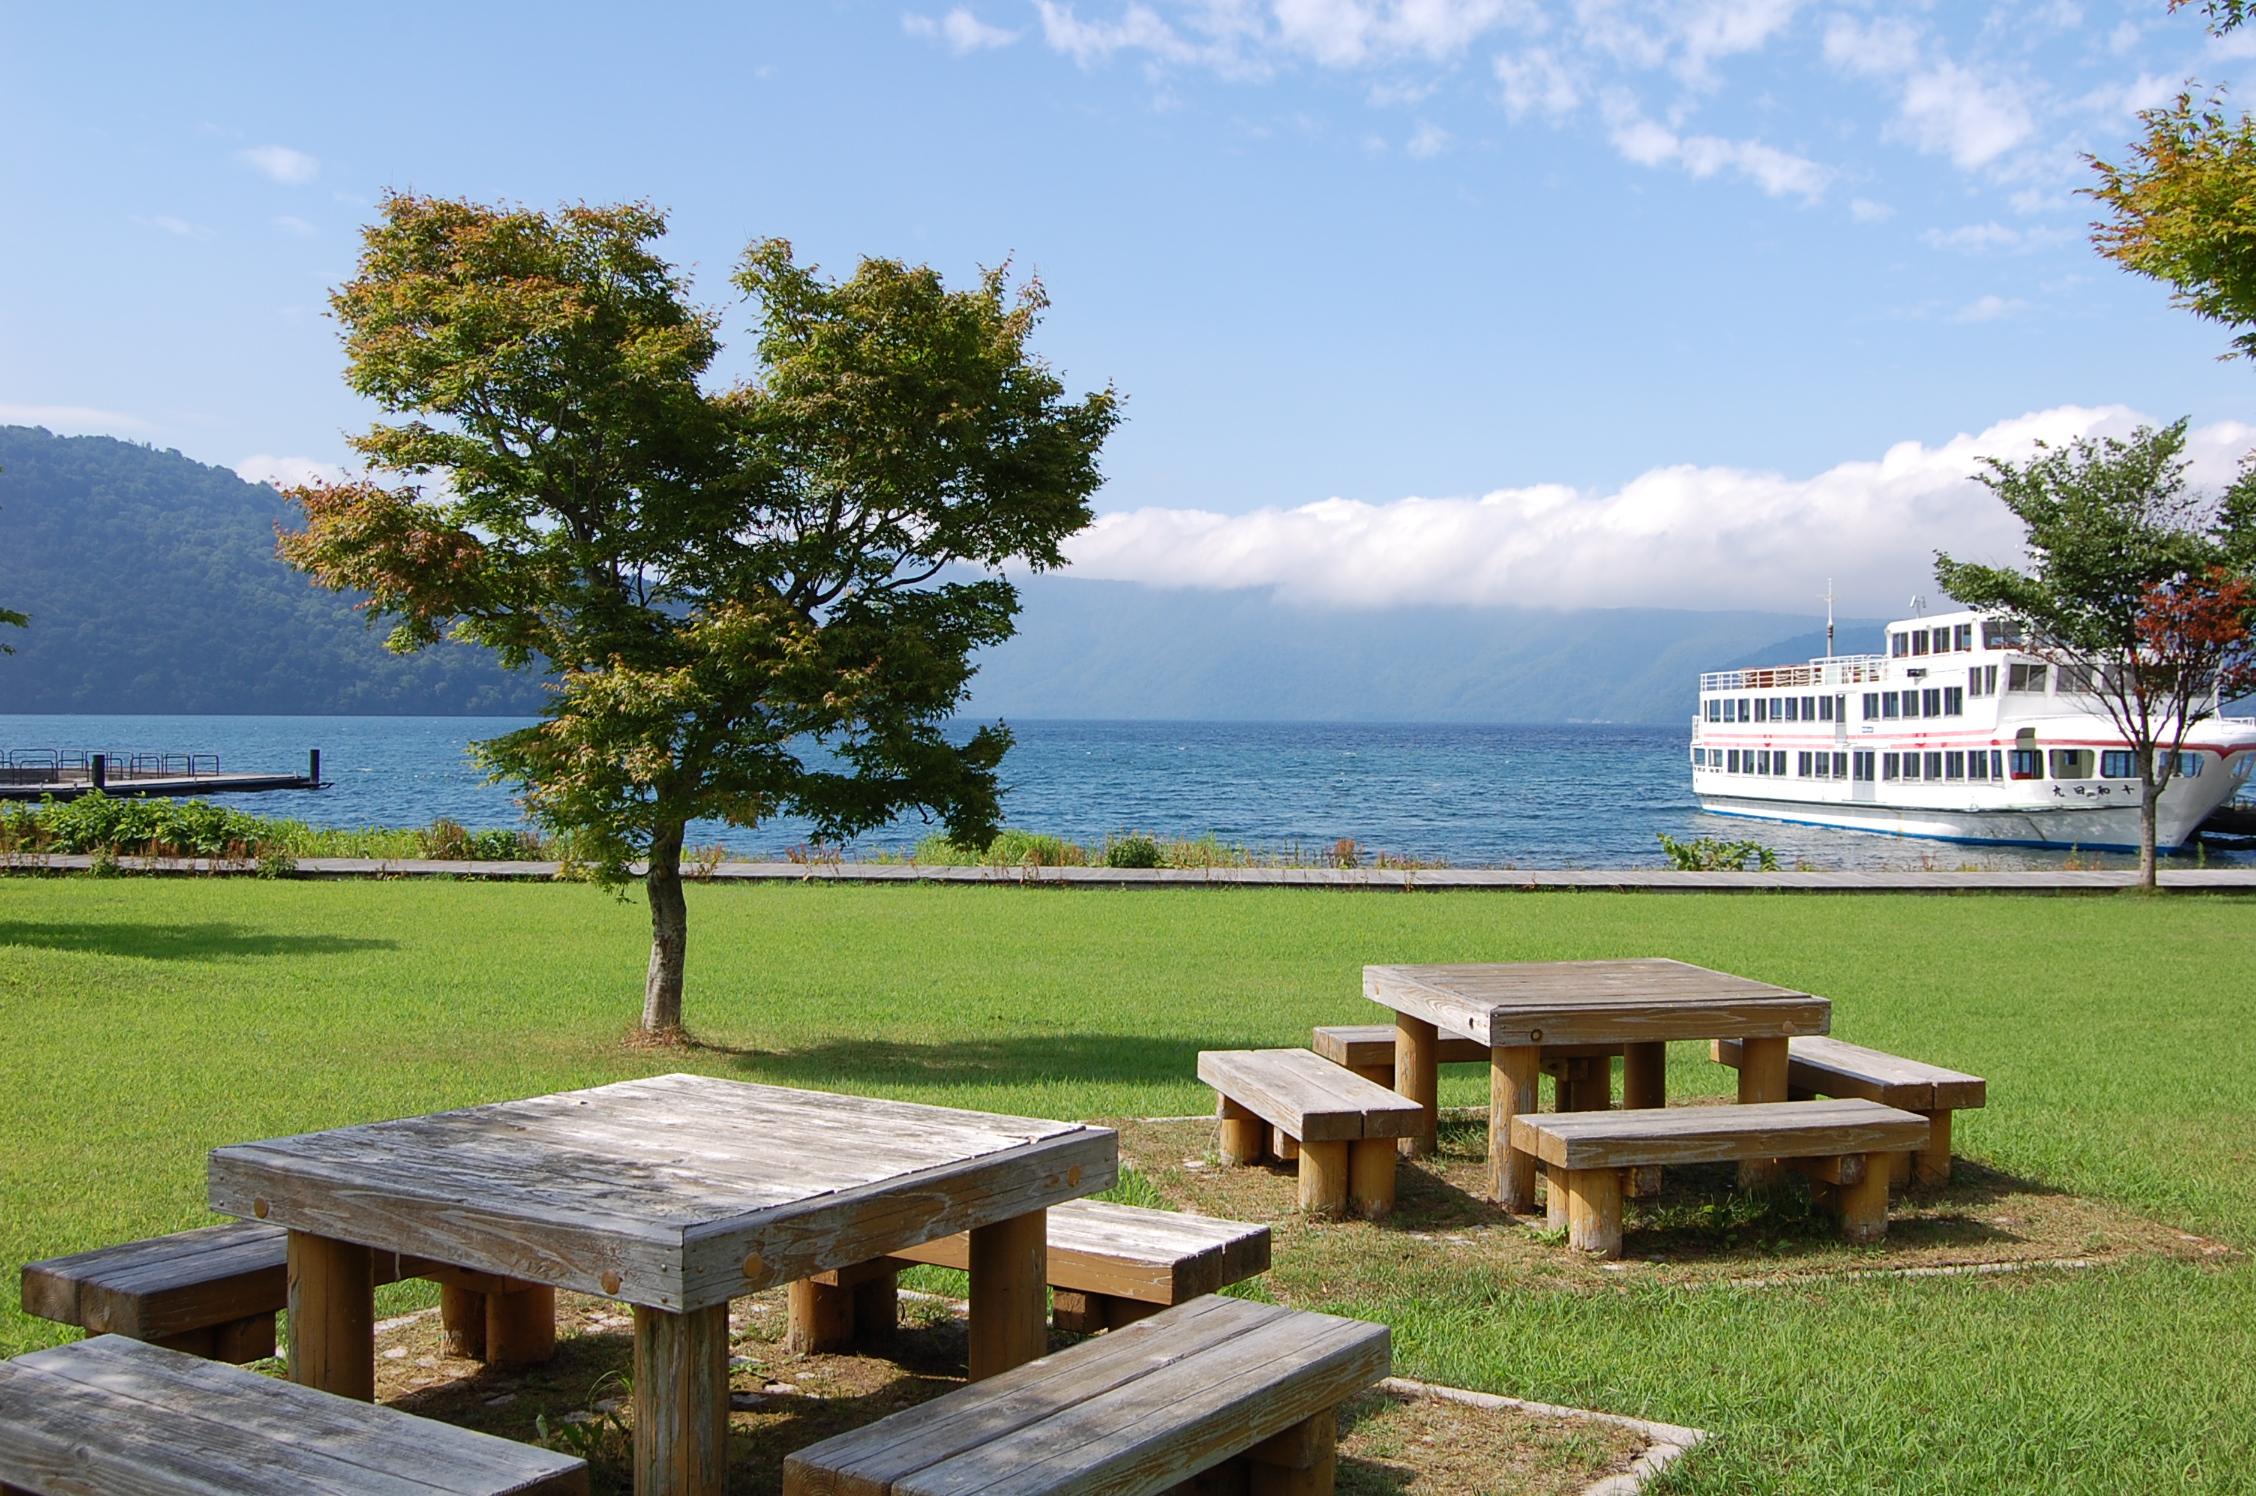 十和田湖畔の公園